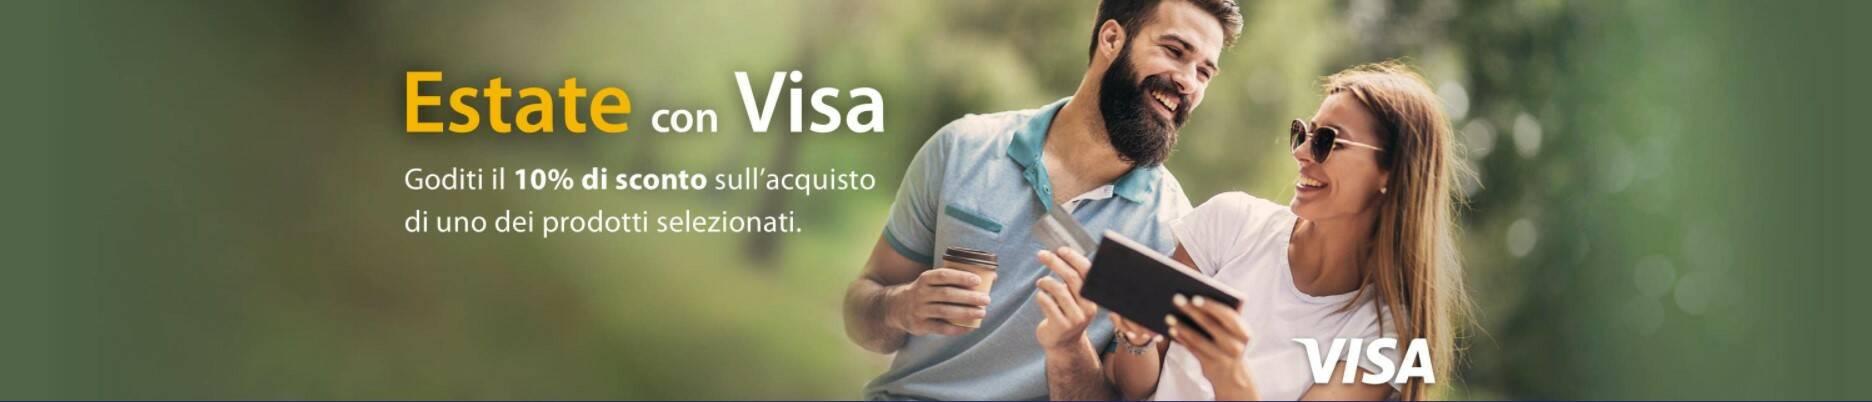 offerta_amazon_visa